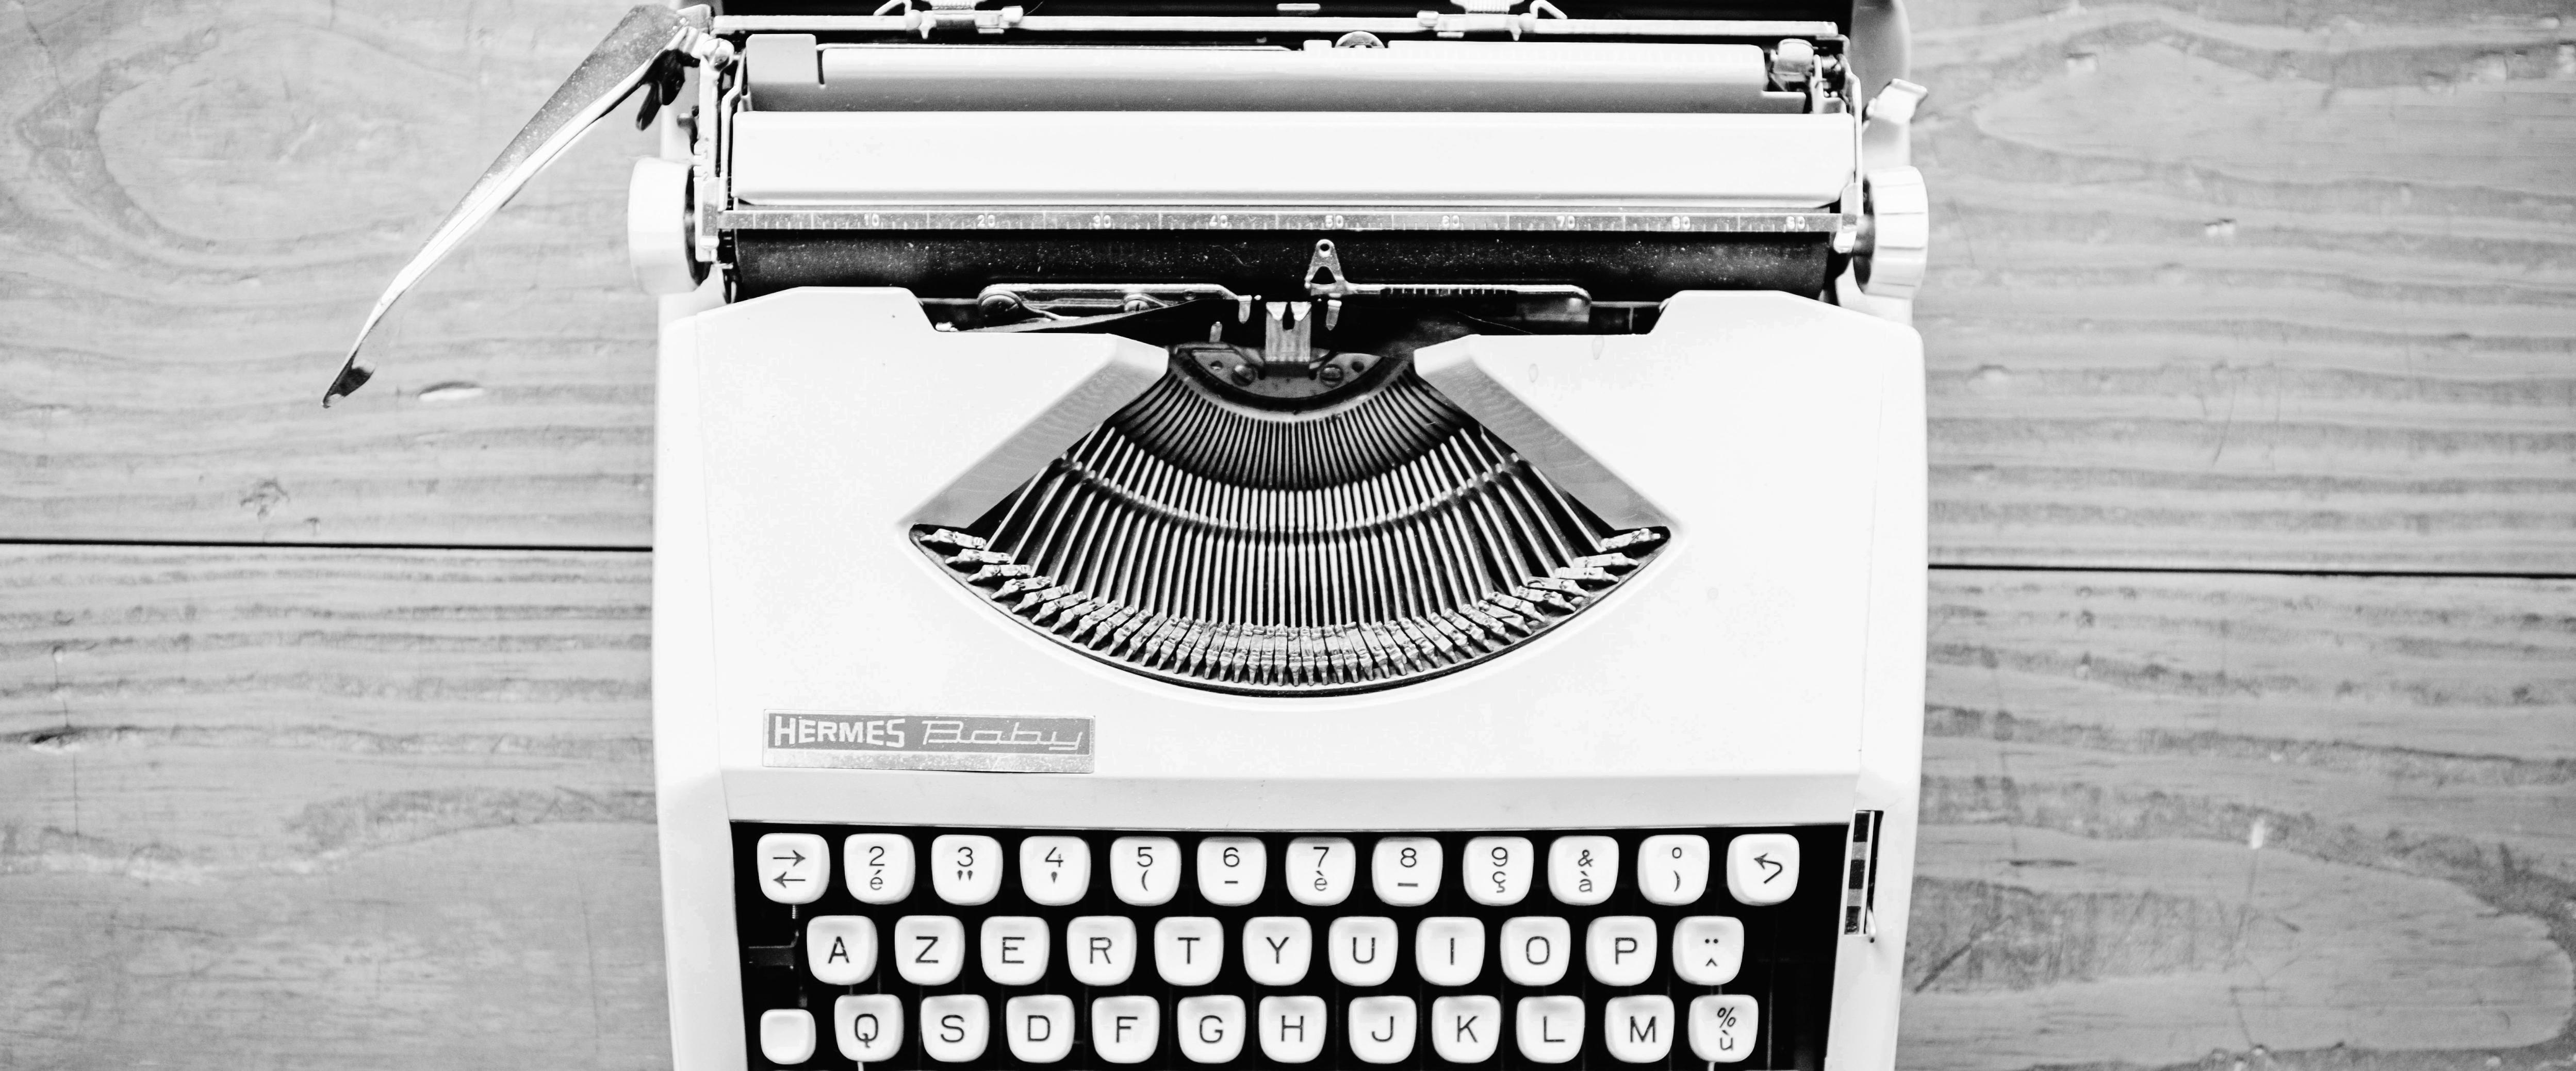 tekstschrijver-amsterdam-typemachine